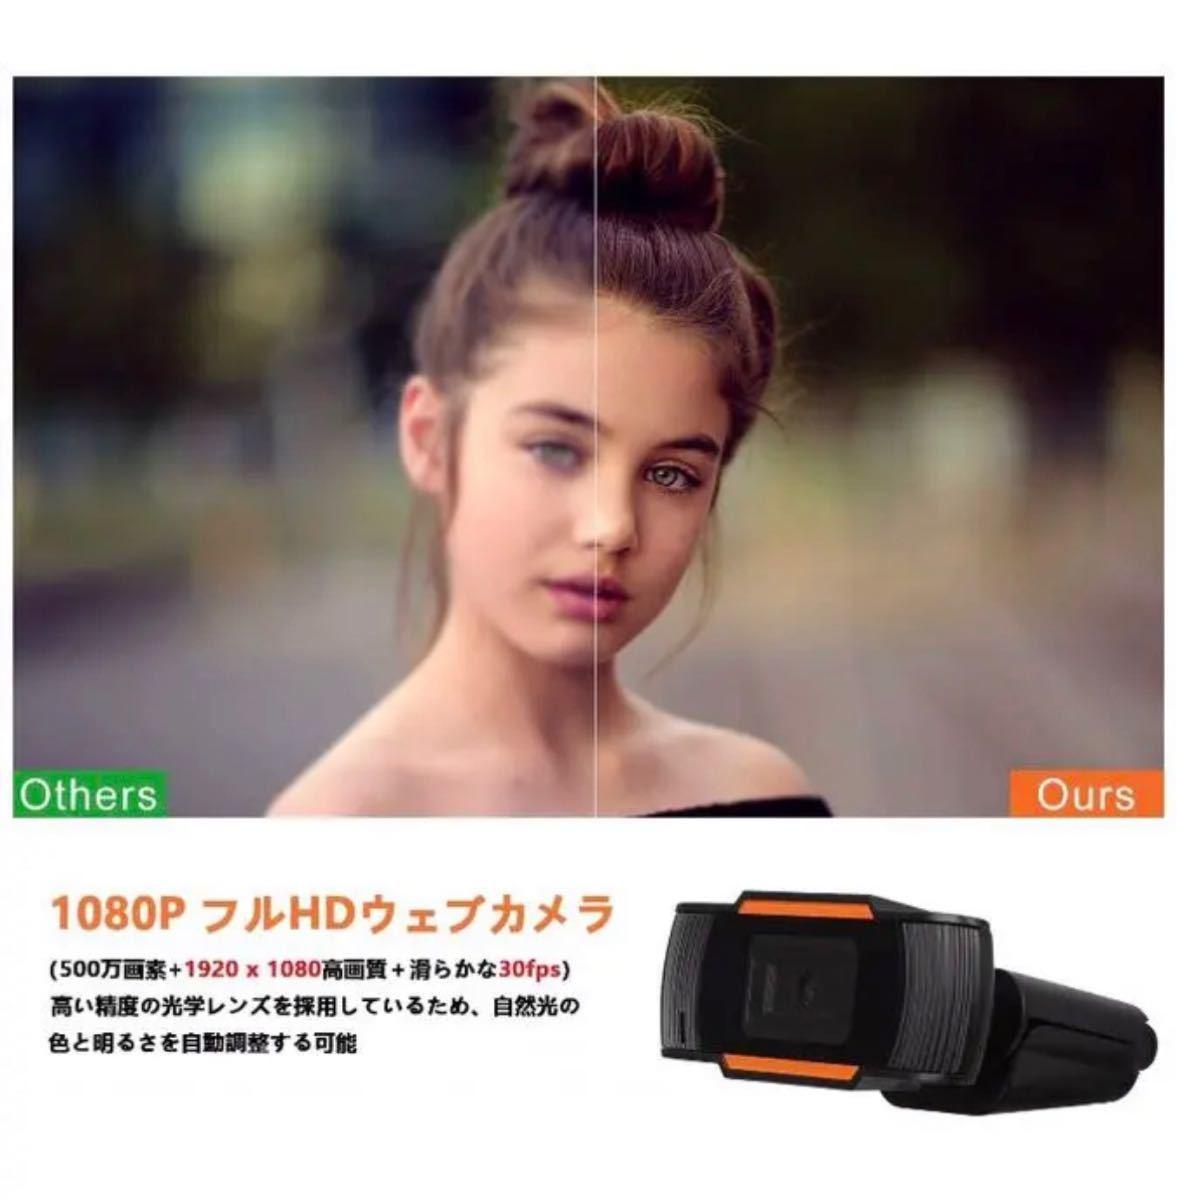 フルHD1080Pウェブカメラ webカメラ PCカメラ 自動光補正 マイク内蔵